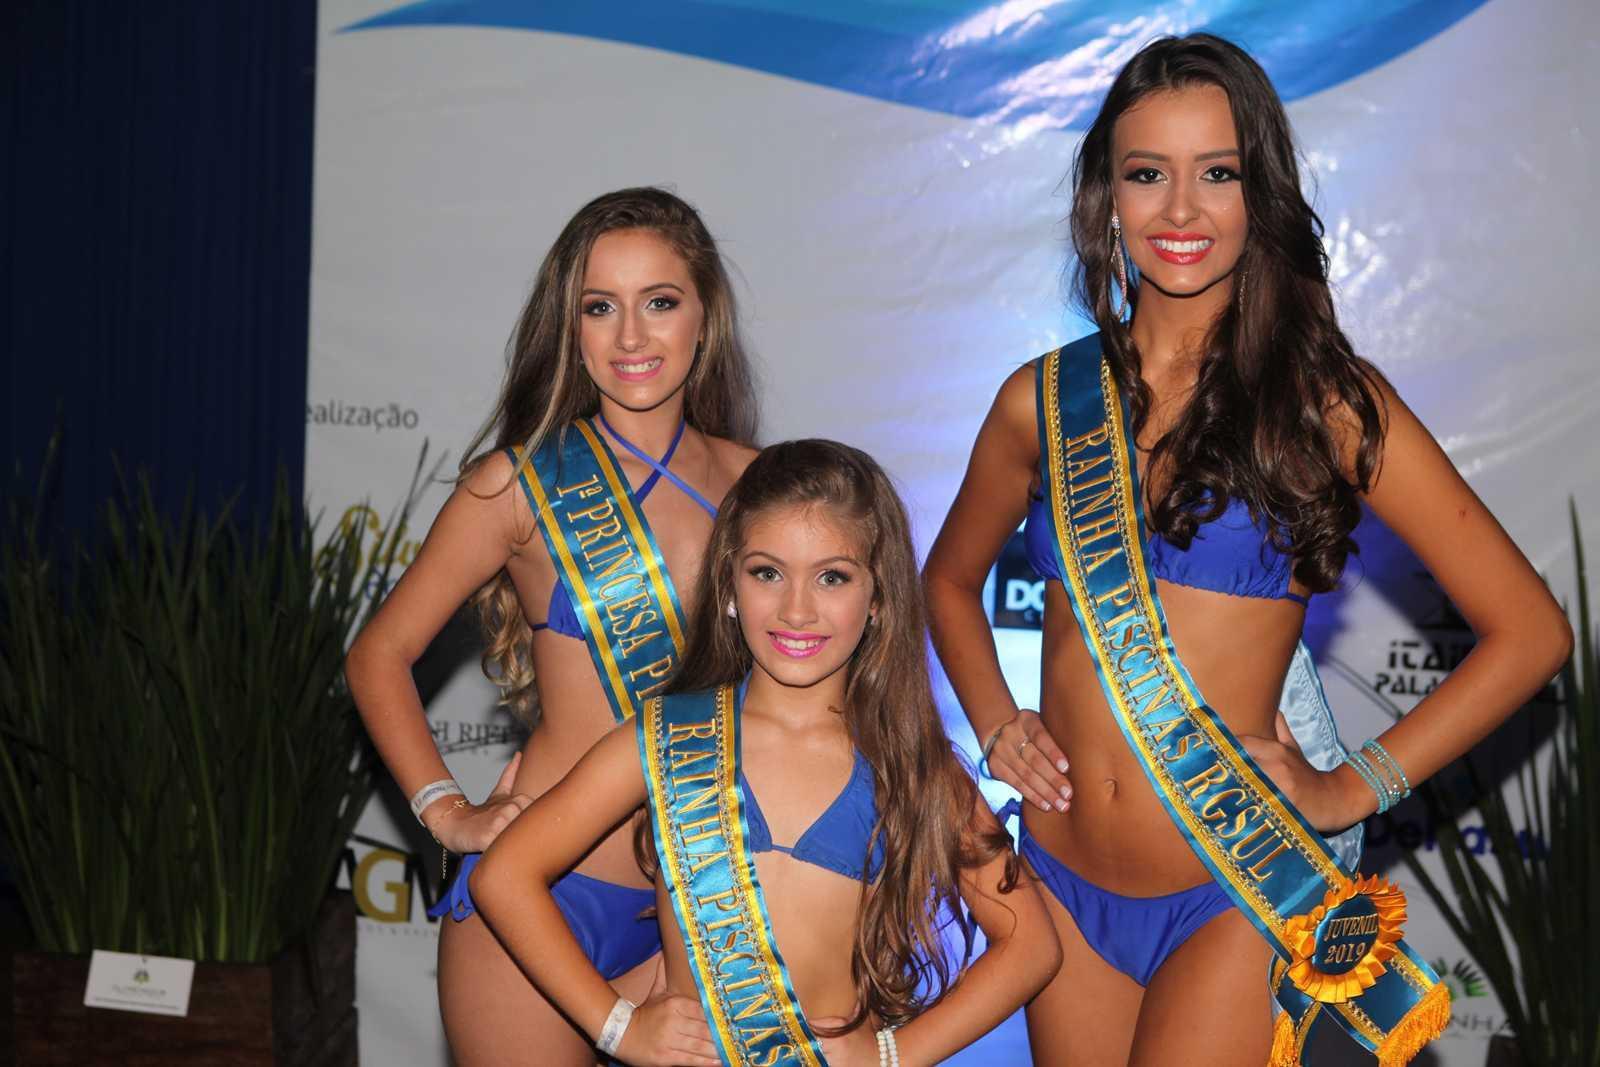 Dorenses premiadas no Concurso Rainha das Piscinas